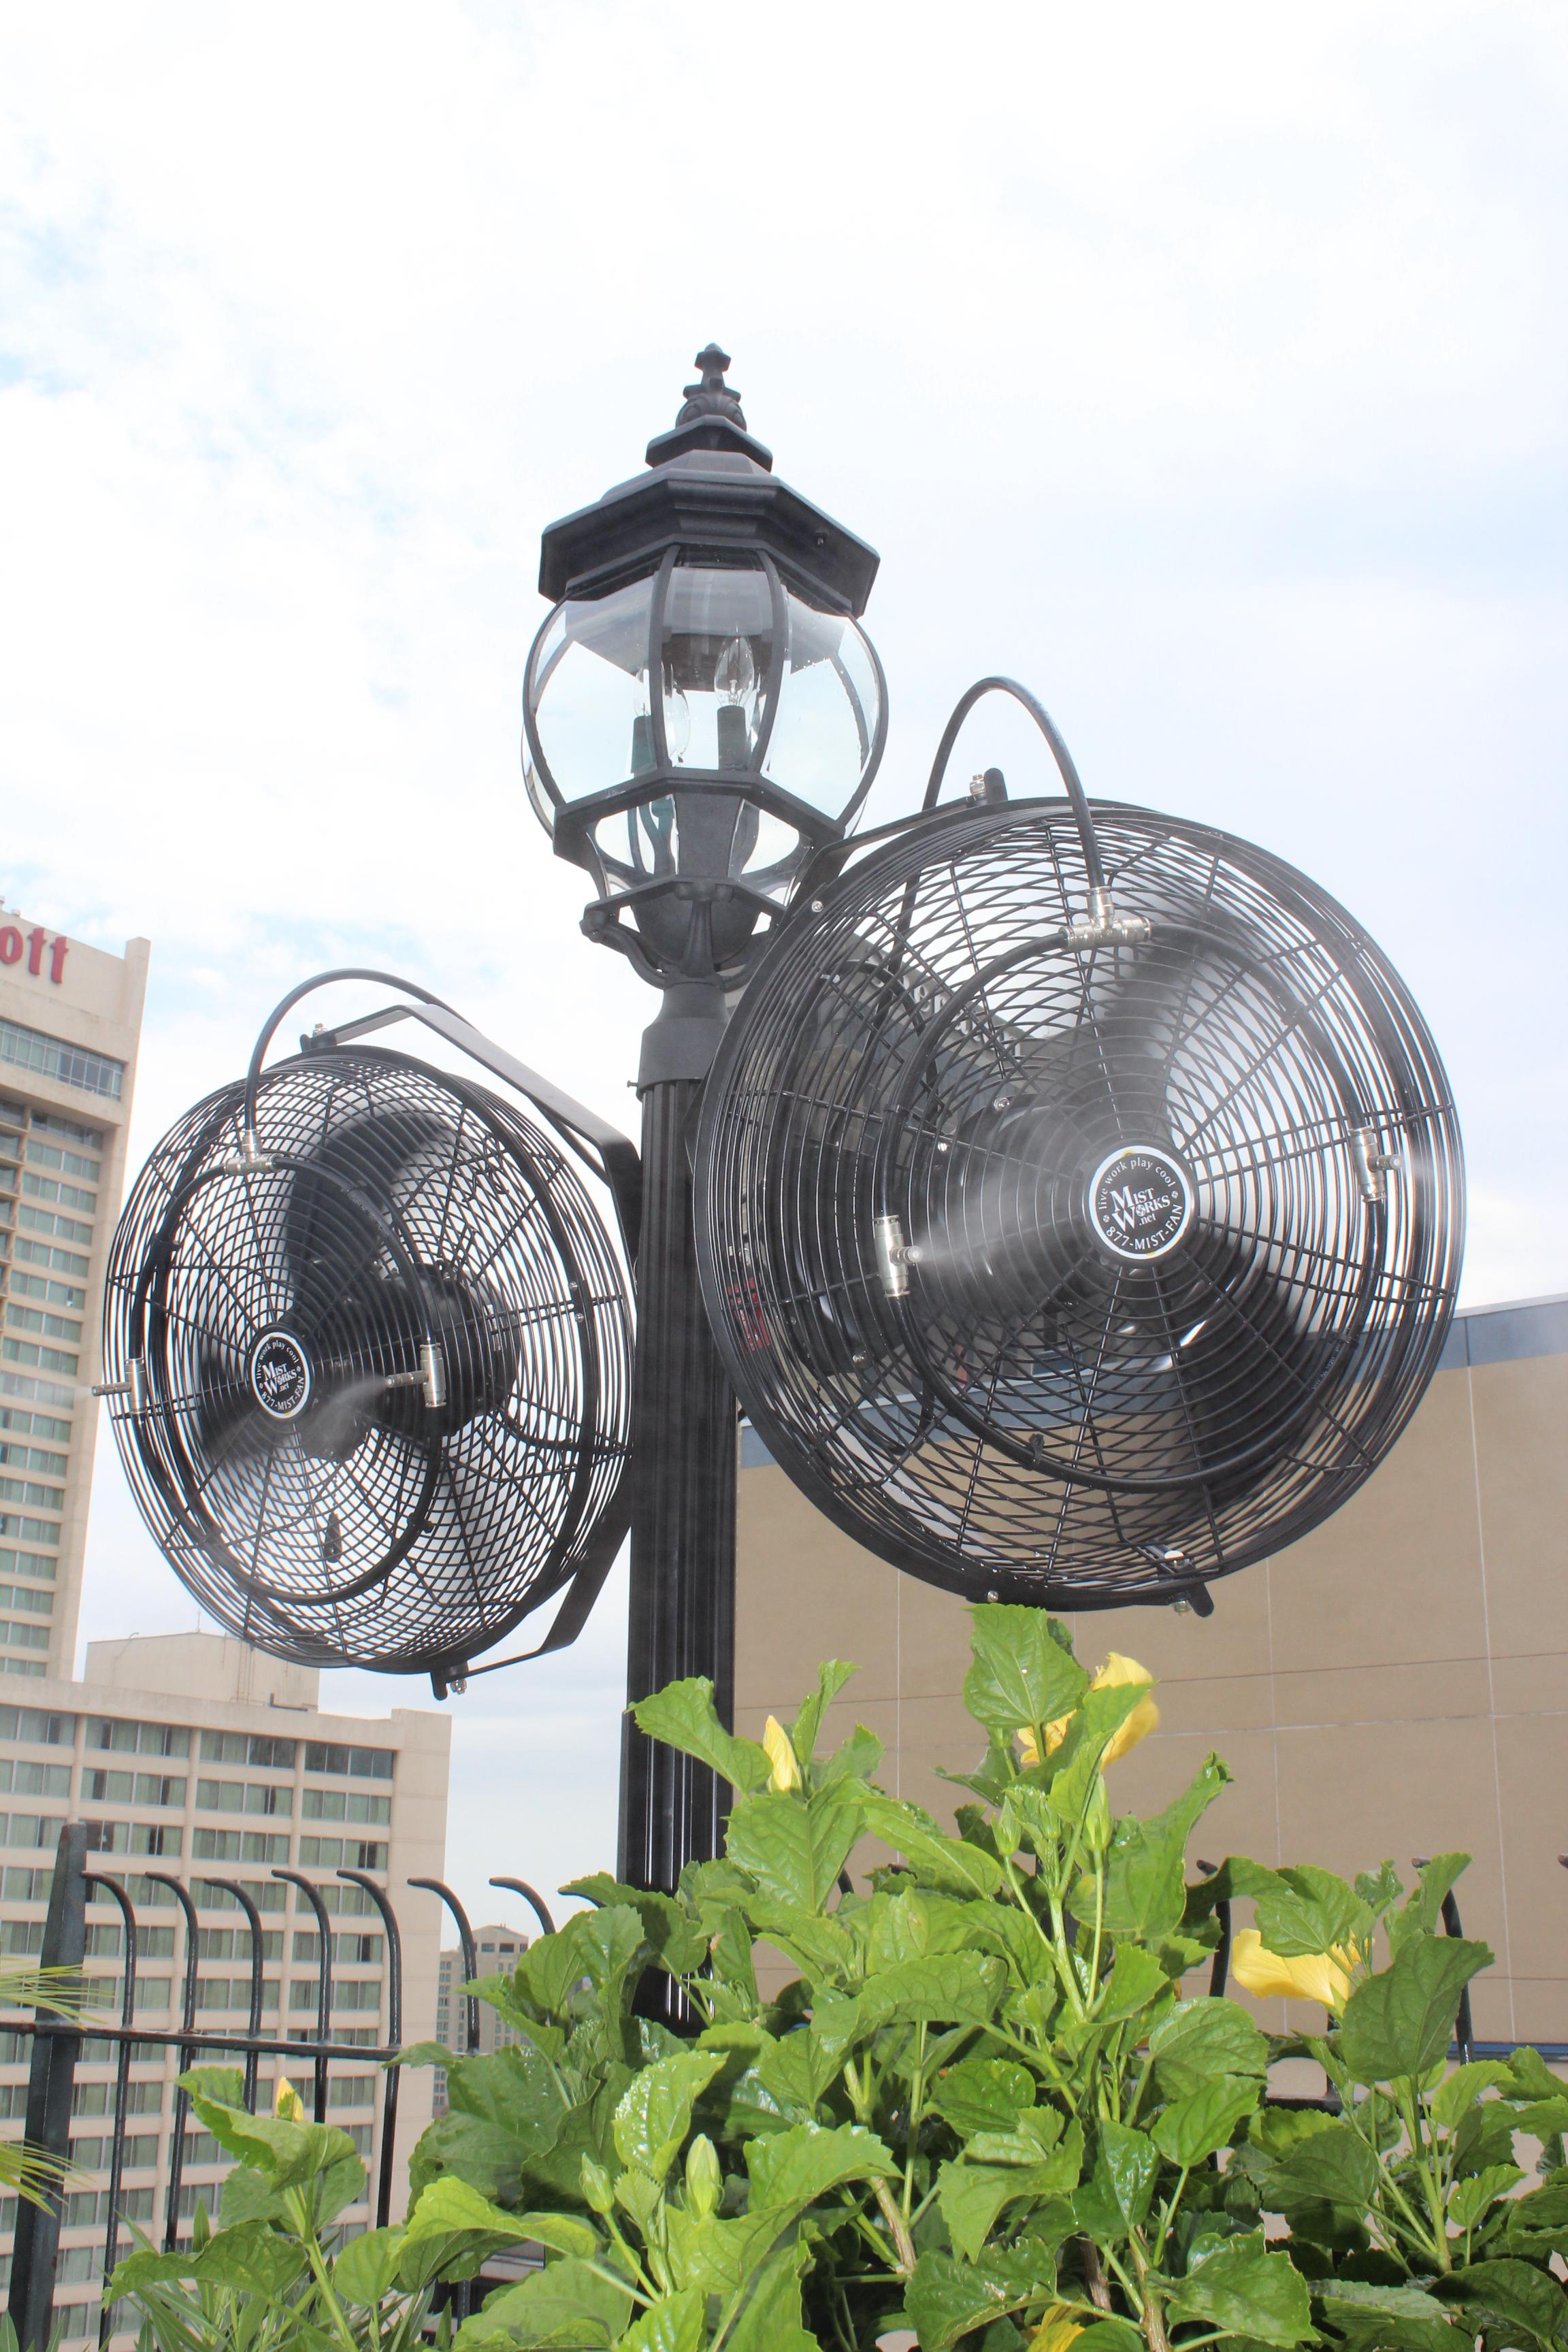 hotel montelone new orleans mist works fans